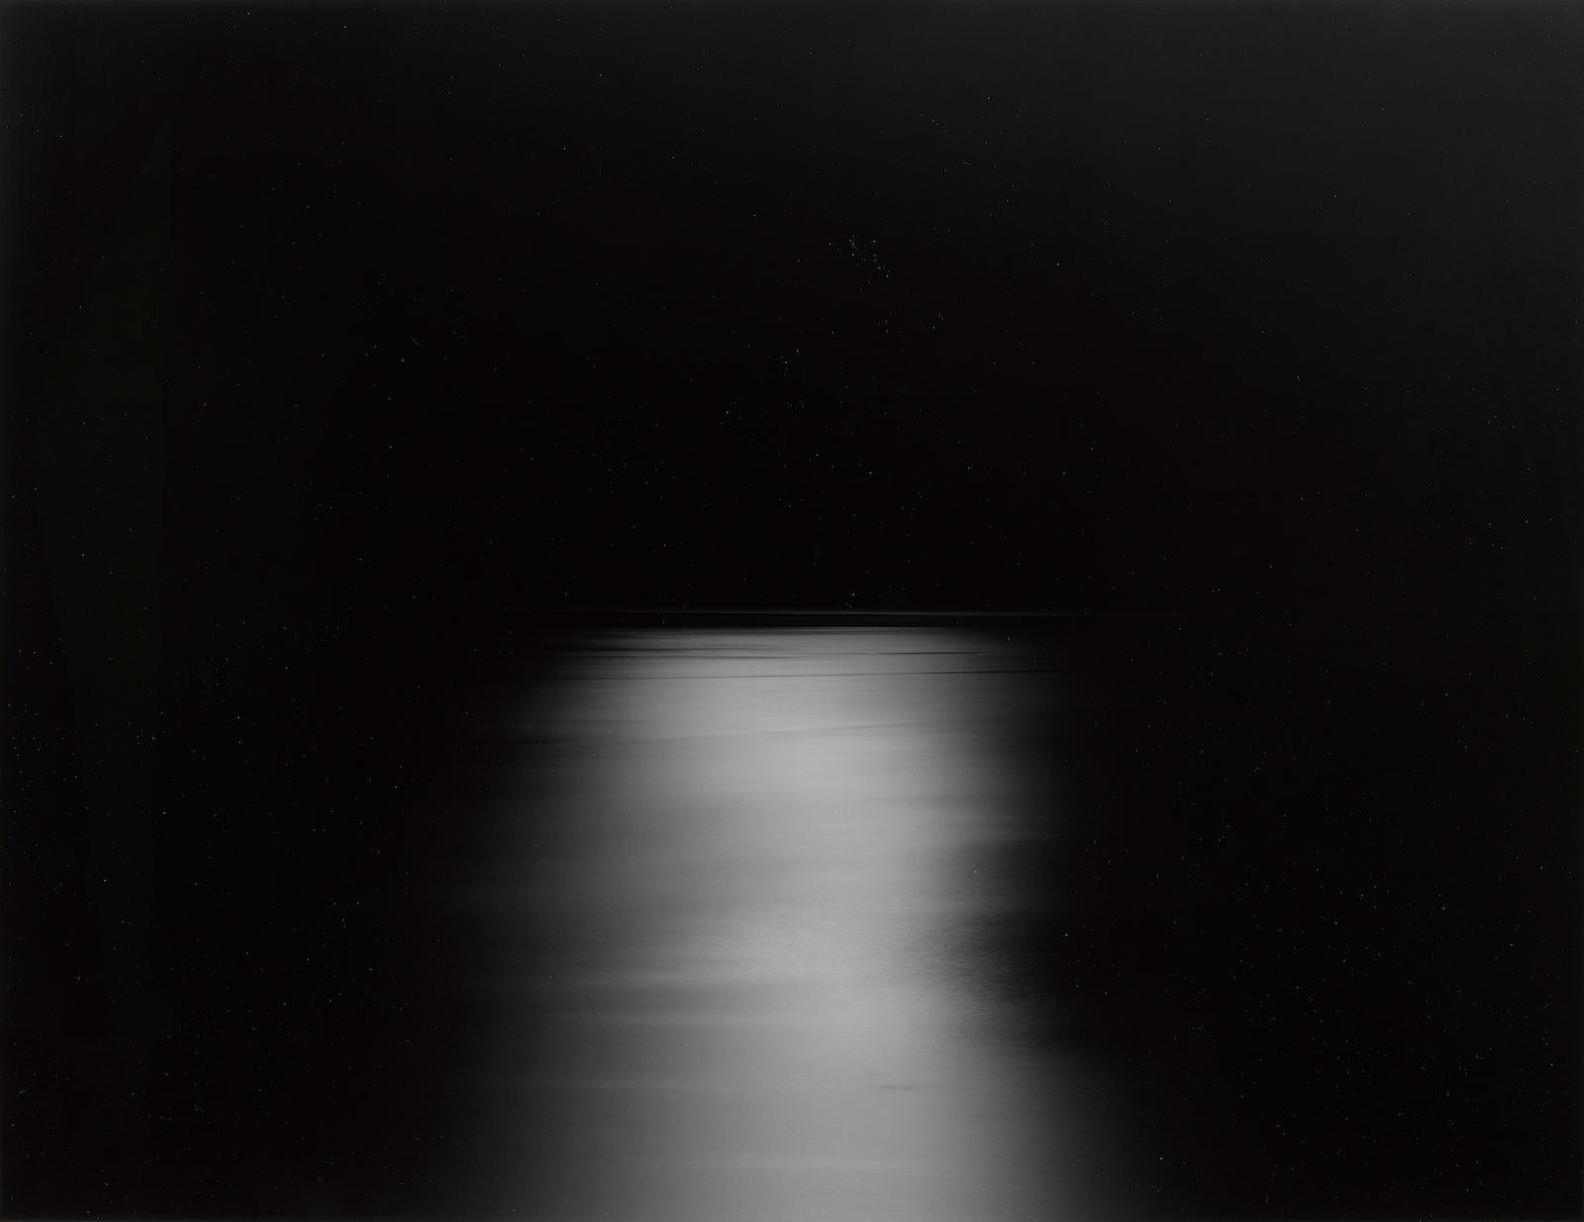 Hiroshi Sugimoto-Tyrrhenian Sea, Priano-1994